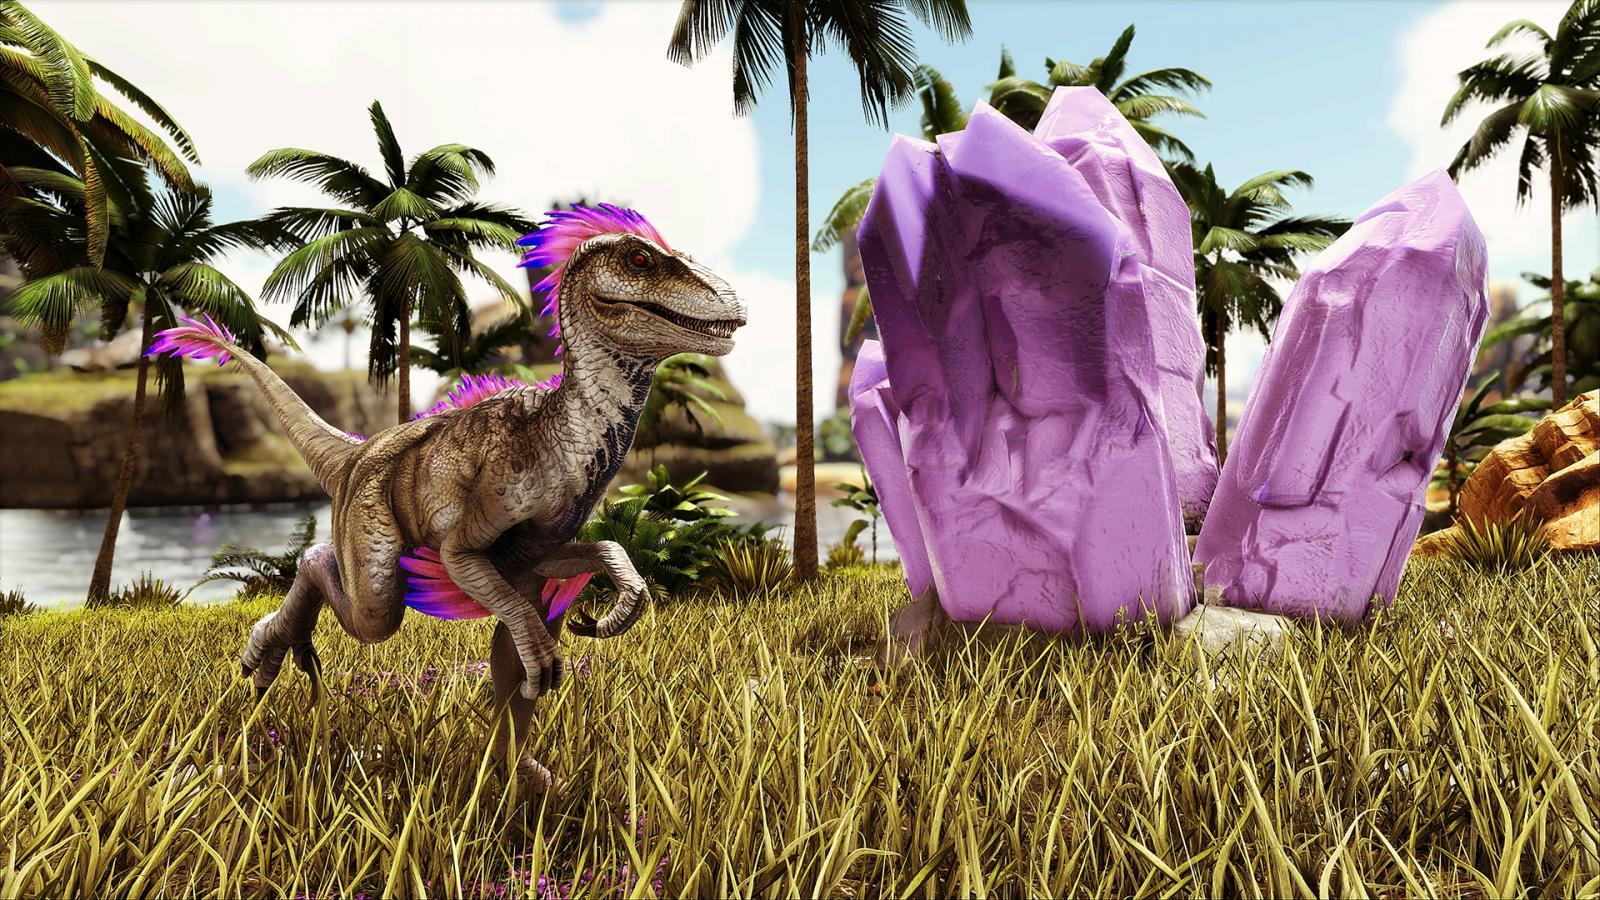 large.5a9d84ffdaf64_BlueDragon-Purple-SuperRes.jpg